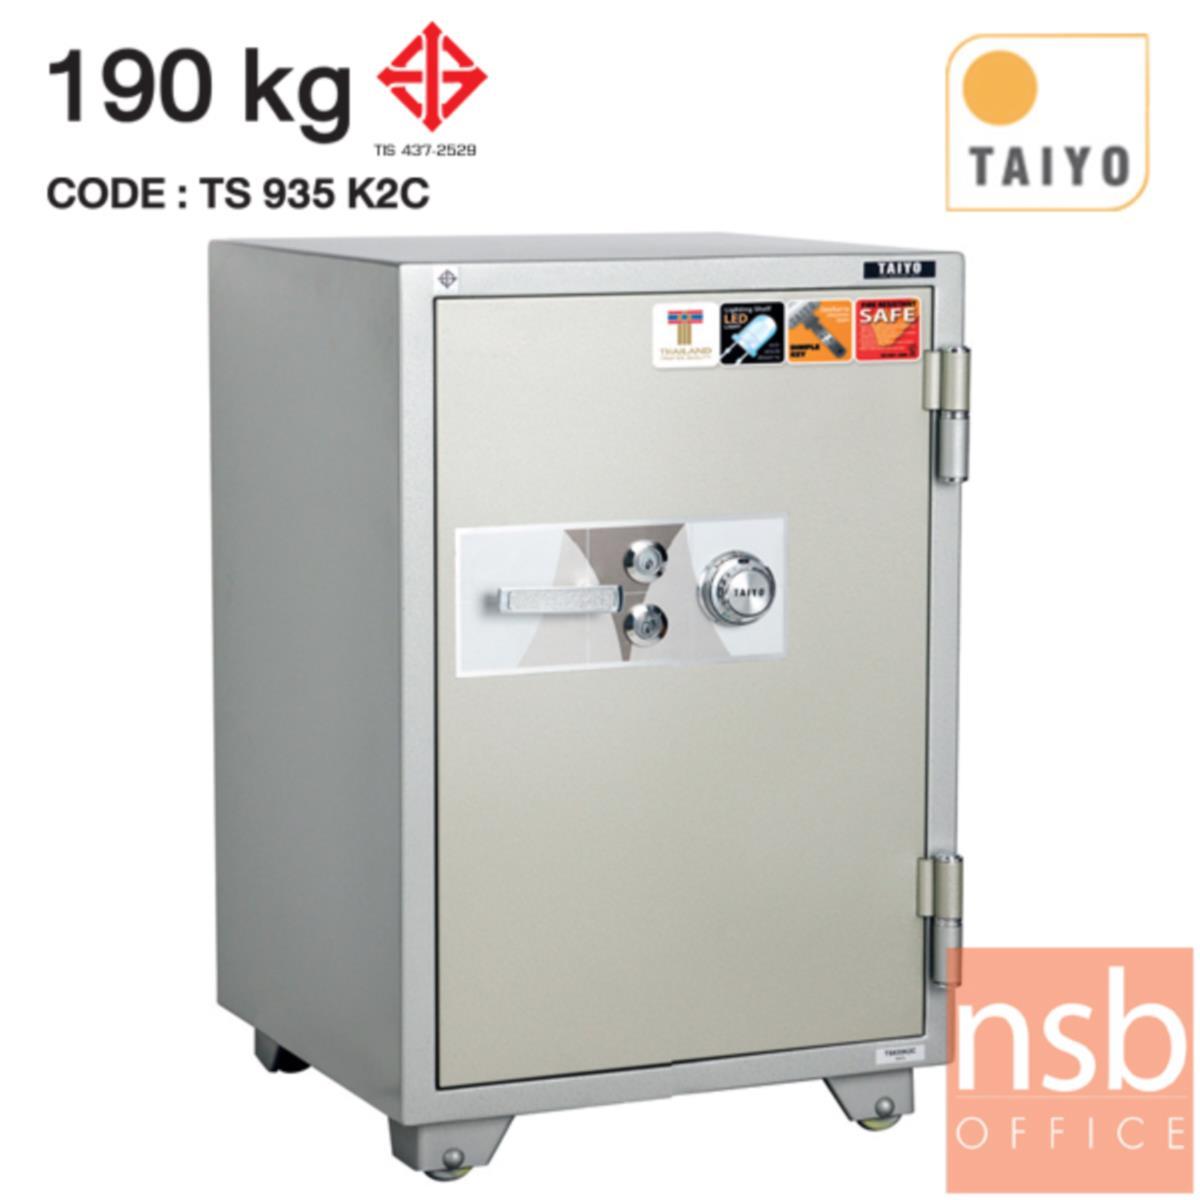 F01A011:ตู้เซฟ TAIYO 190 กก. 2 กุญแจ 1 รหัส   (TS 935 K2C มอก.)